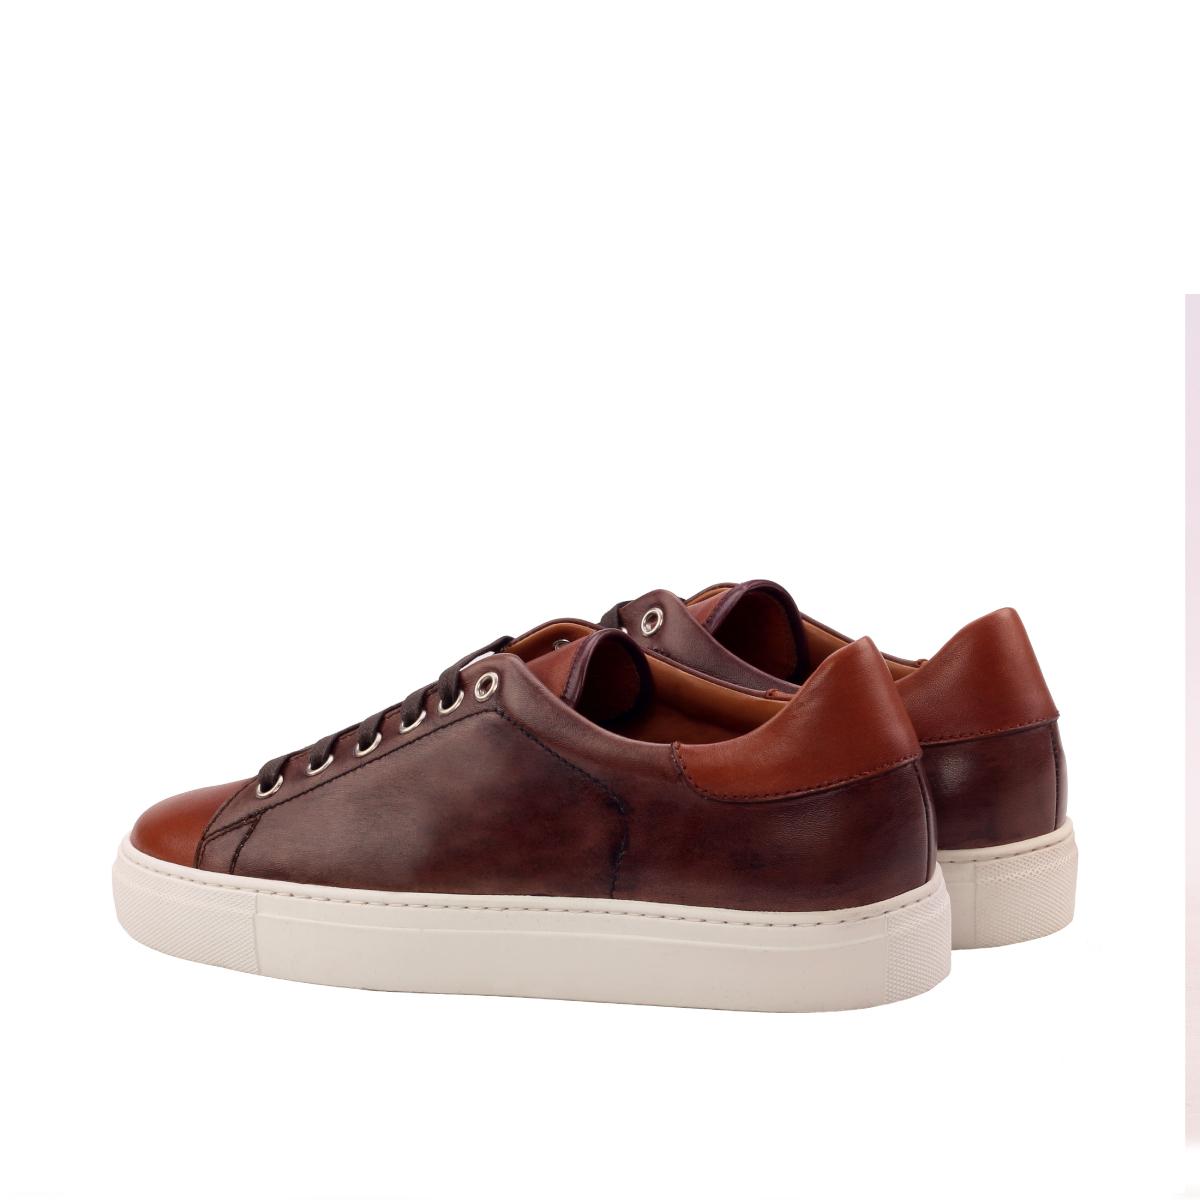 Brown box calf sneakers